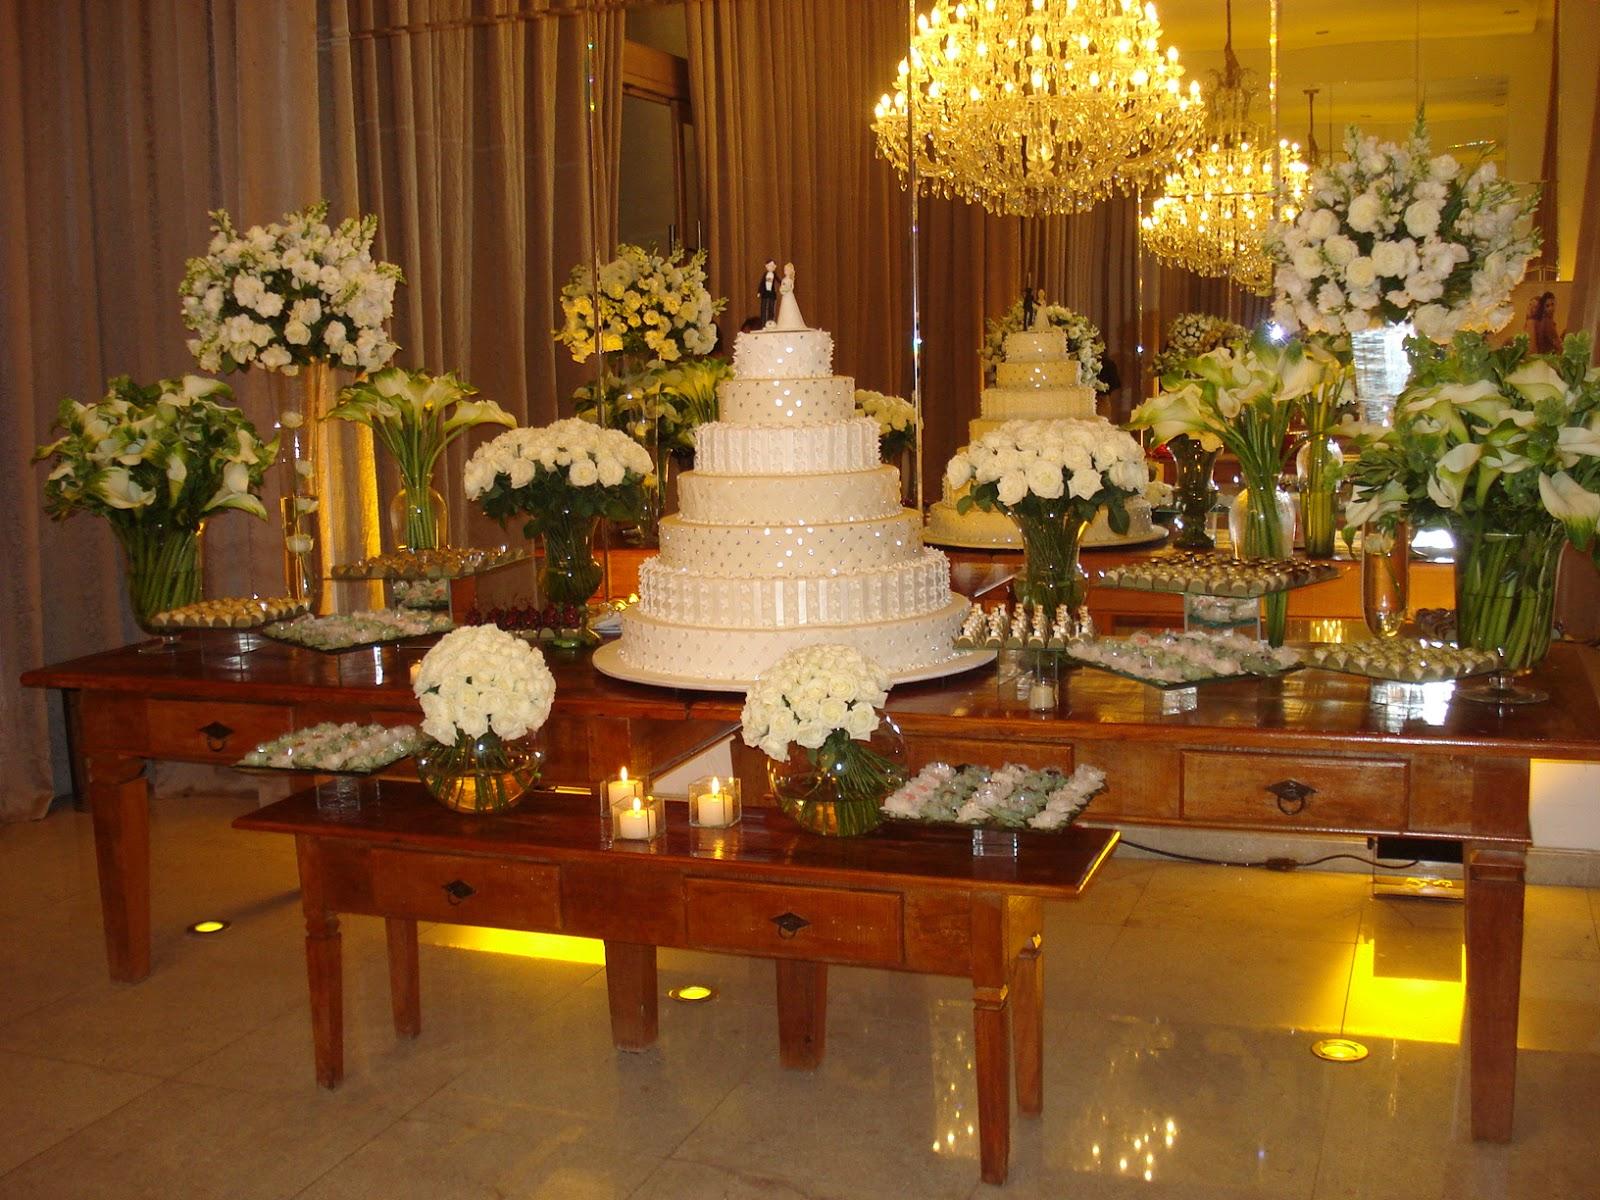 Decoração de casamento Decoração de mesas de casamento ideias